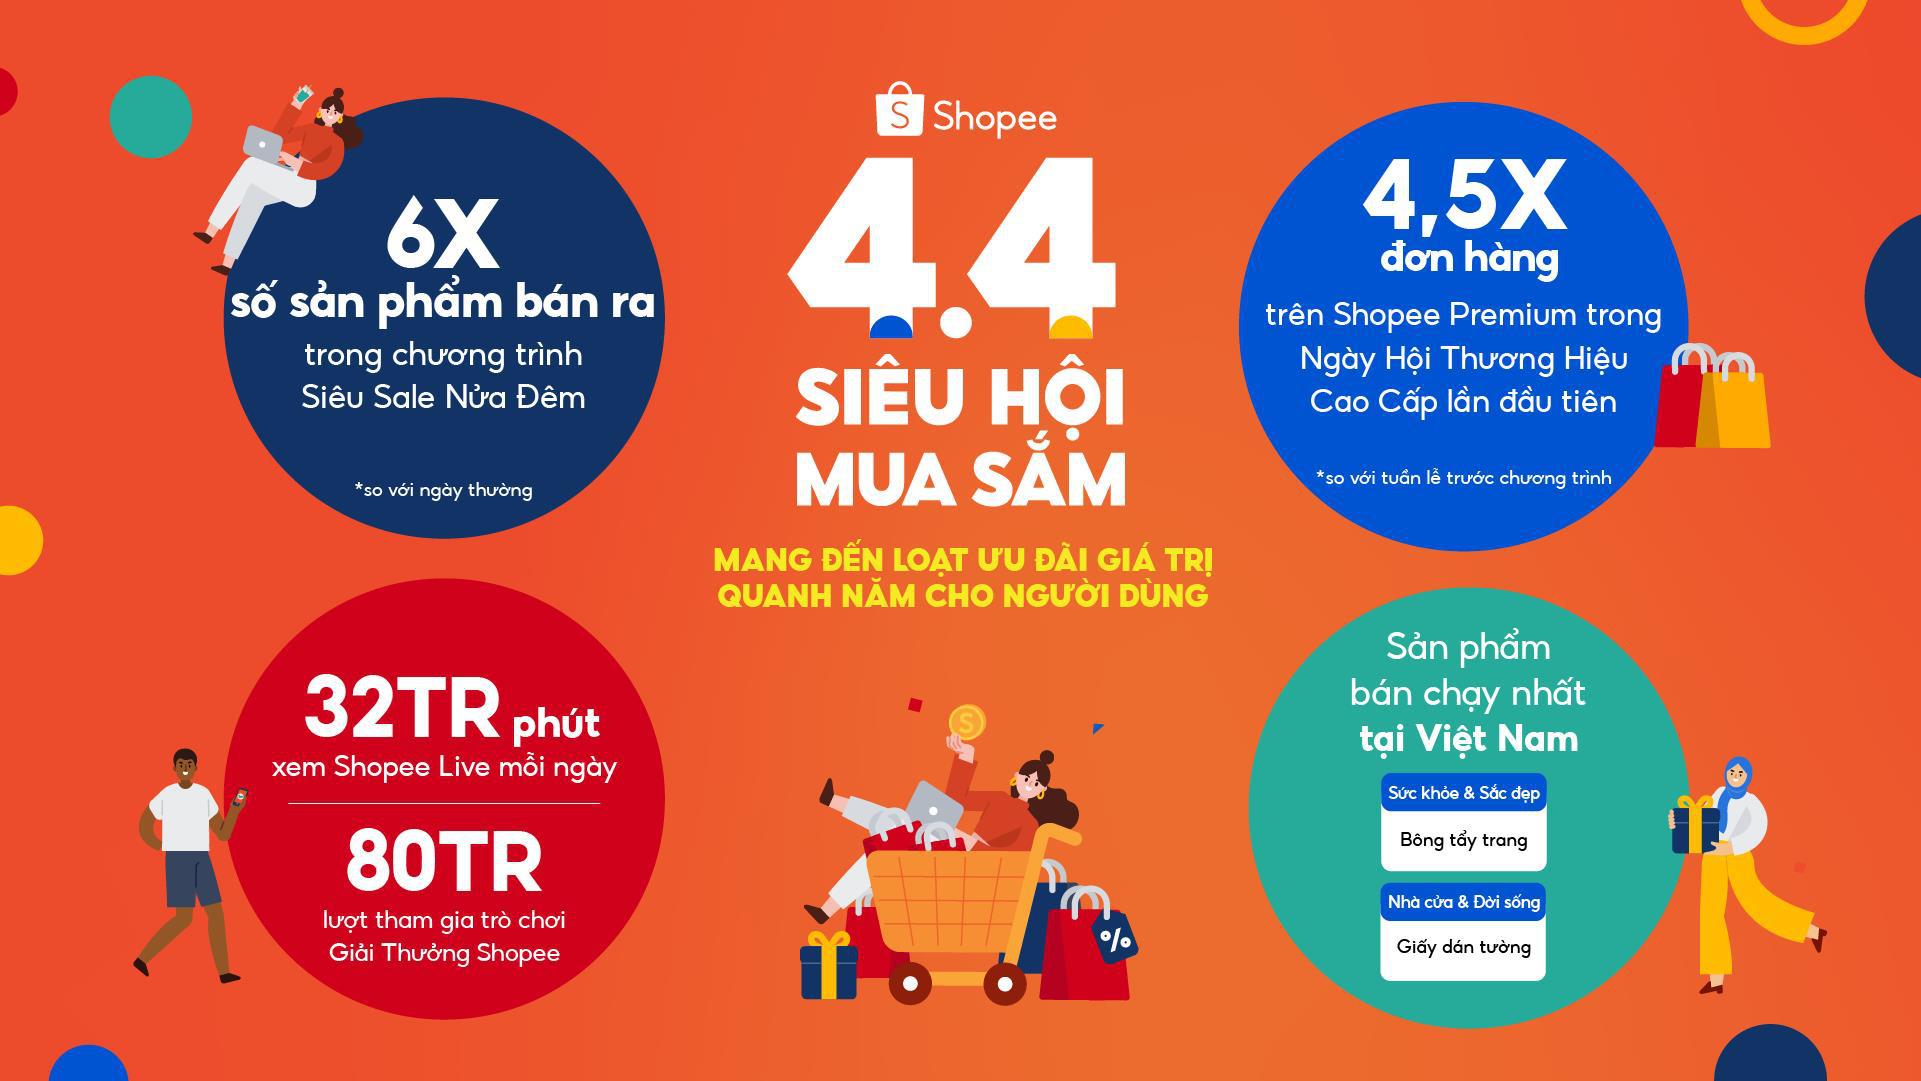 Shopee 4.4 Siêu Hội Mua Sắm: Tăng 6 lần số sản phẩm bán ra chỉ trong 2 giờ Siêu Sale Nửa Đêm so với ngày thường - Ảnh 1.